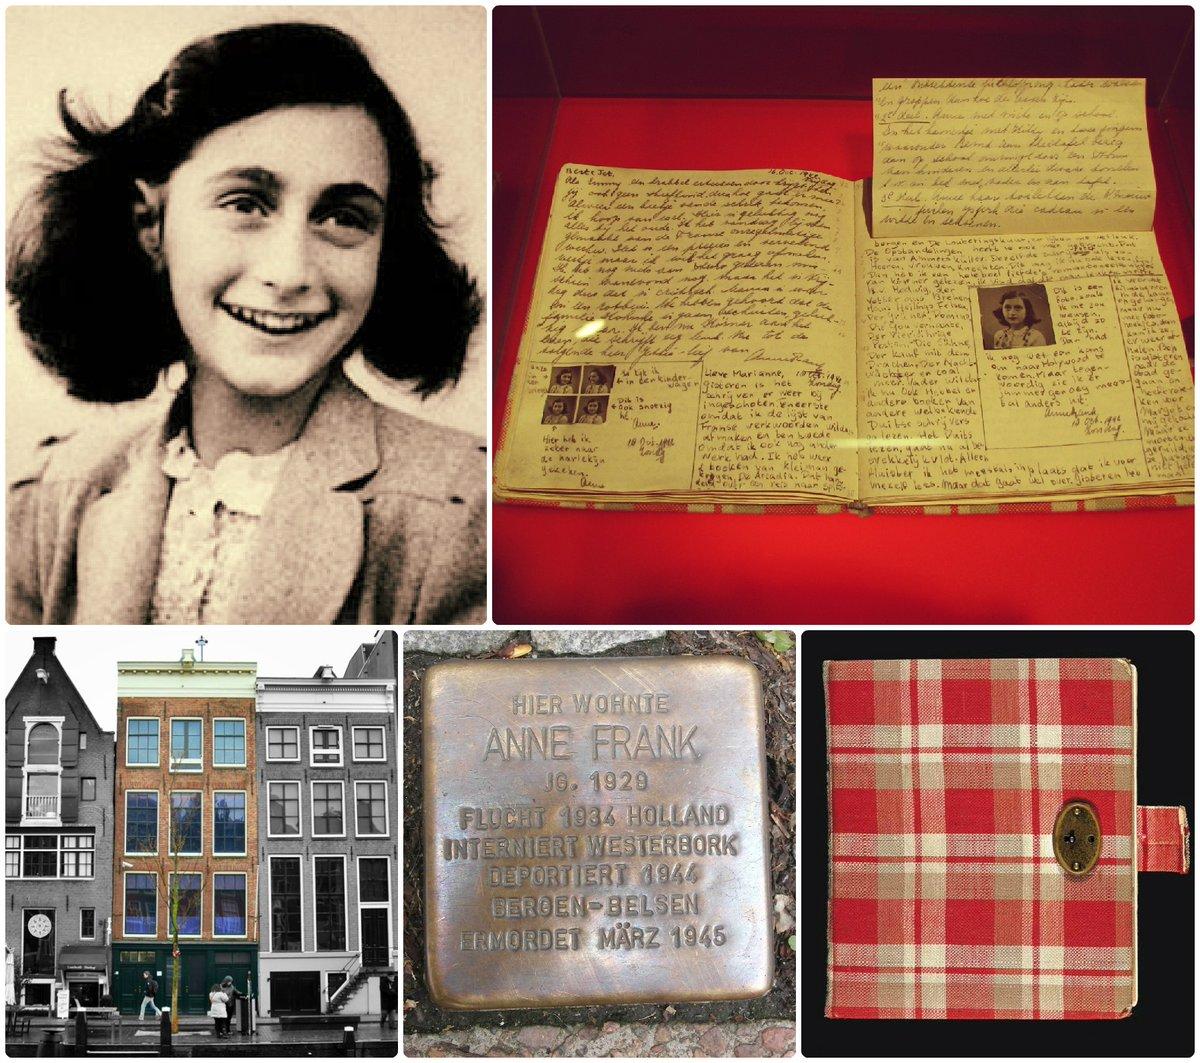 Ana Frank habría cumplido hoy 90 años. Fue justamente #UnDíaComoHoy, en 1942, cuando Ana comenzó a escribir su diario: un testimonio de coraje para toda la humanidad que jamás debemos olvidar. 📔 on.unesco.org/2KL0TeI #MemoriaDelMundo #Anne90